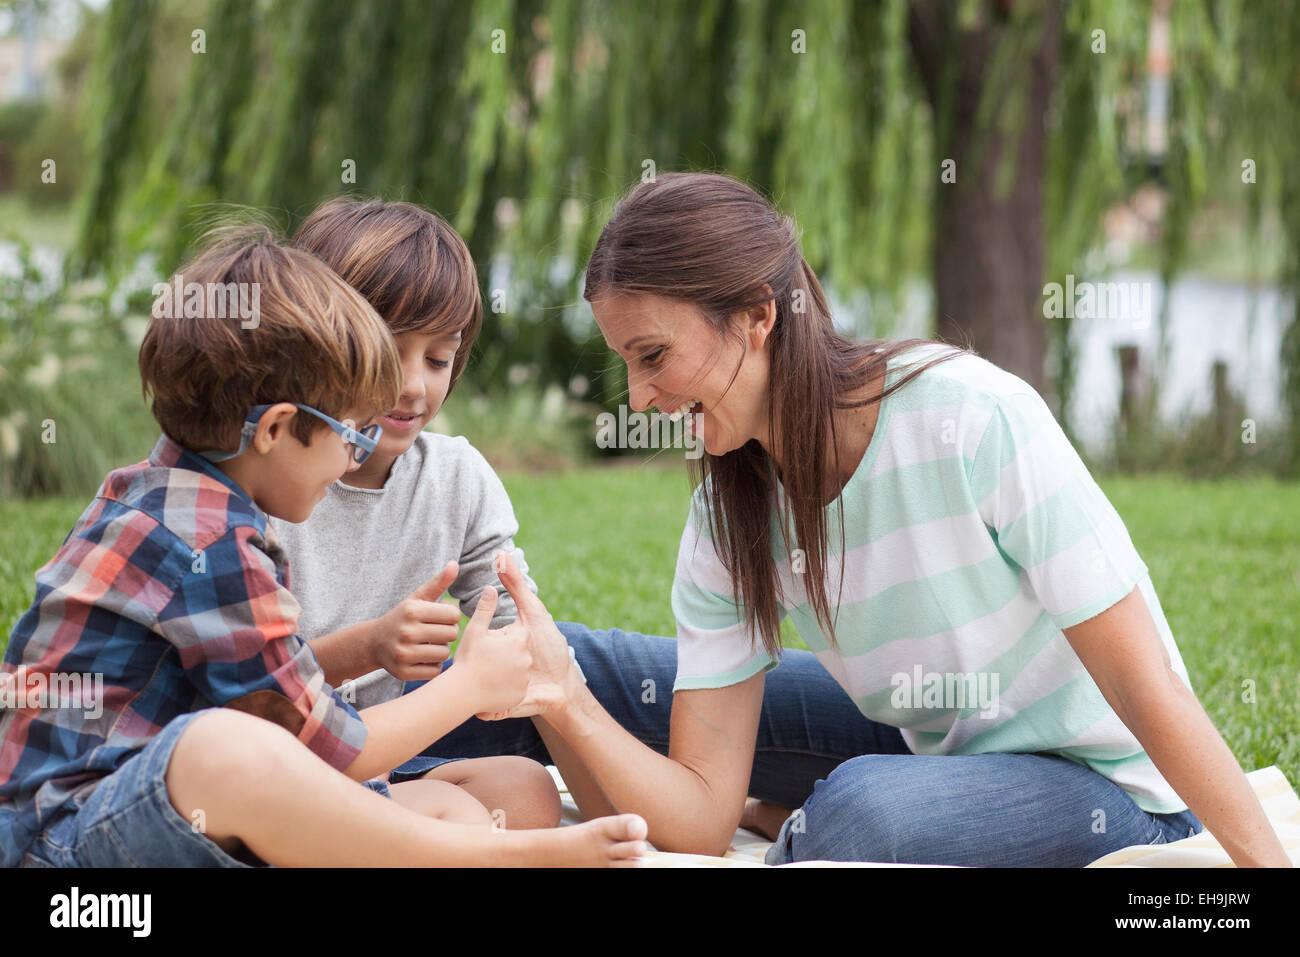 Madre enseñando a sus hijos cómo bregar con el pulgar Imagen De Stock